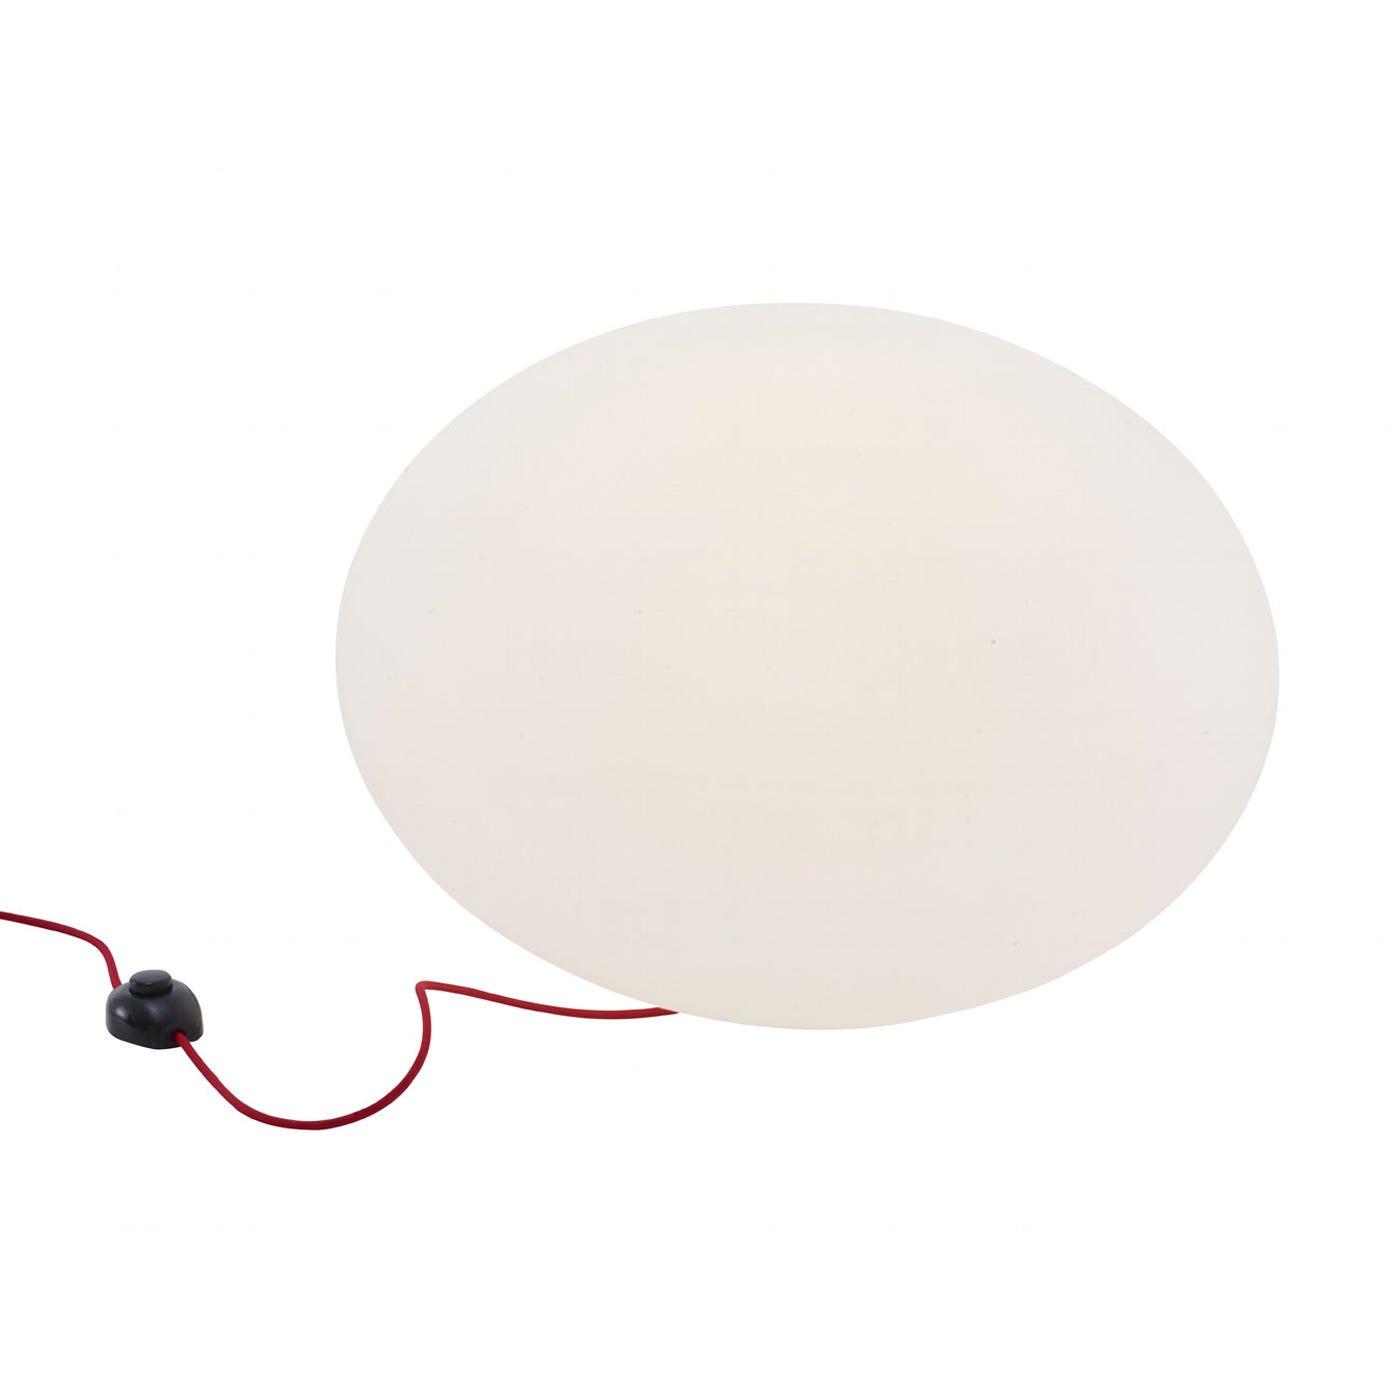 Globe Roset Table Light